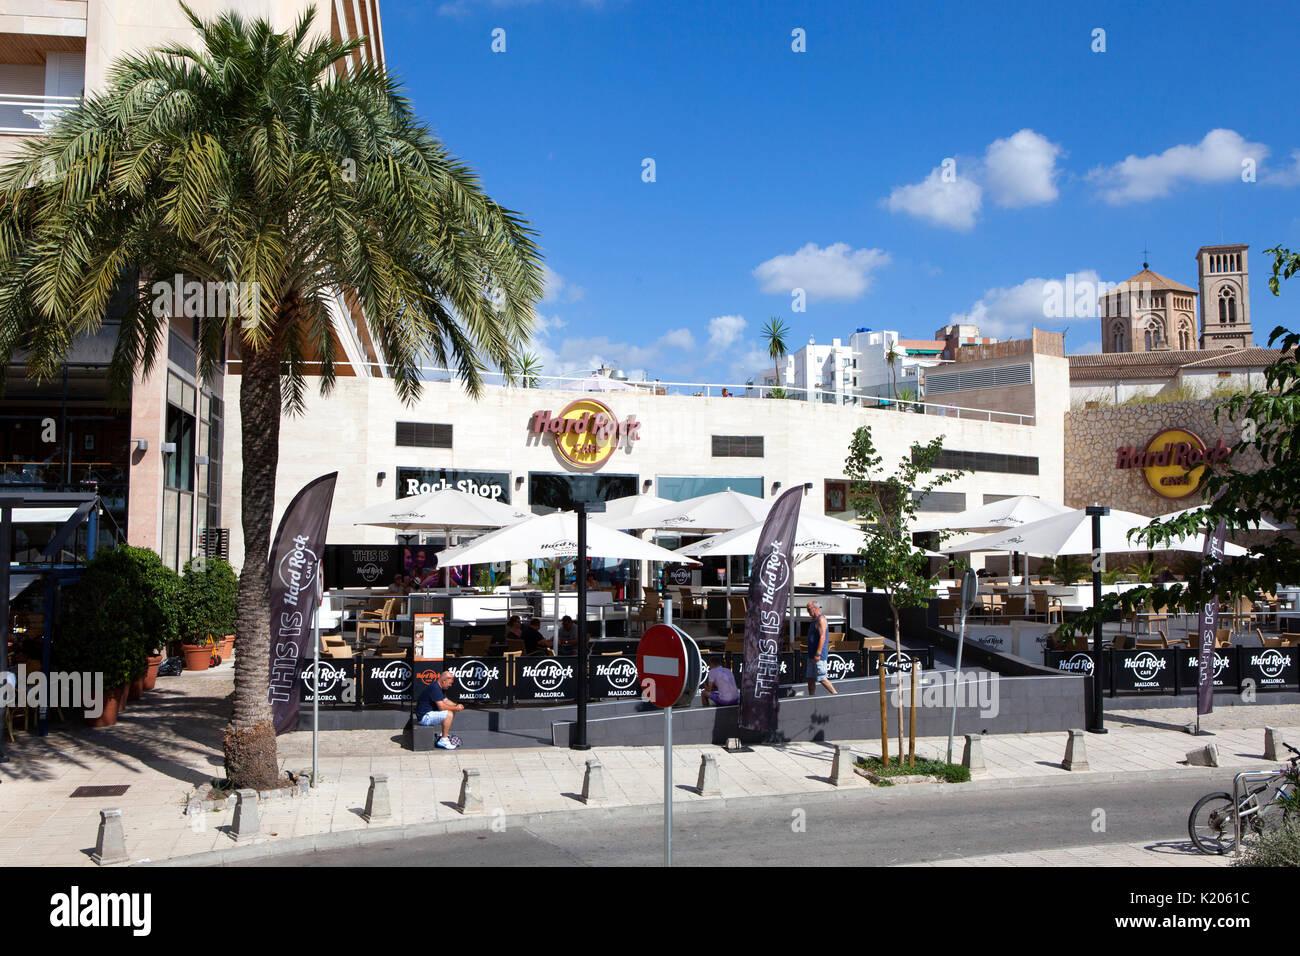 Palma De Mallorca Hard Rock Cafe